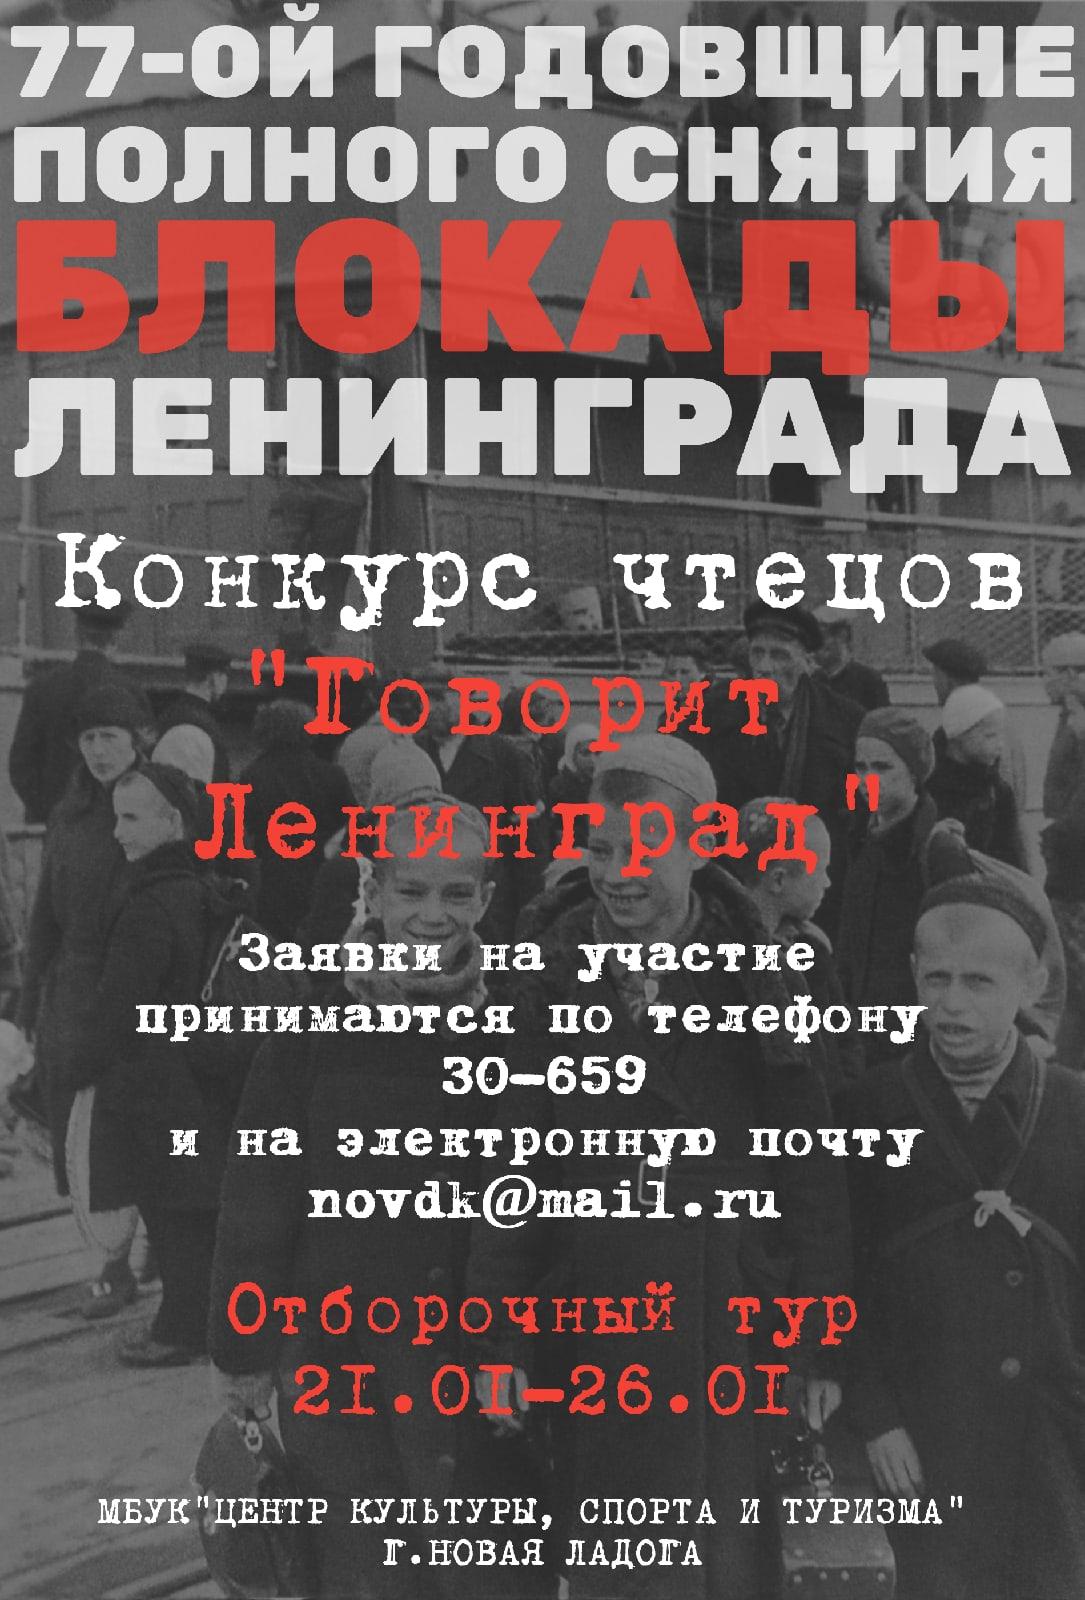 """Конкурс чтецов """"Говорит Ленинград"""""""